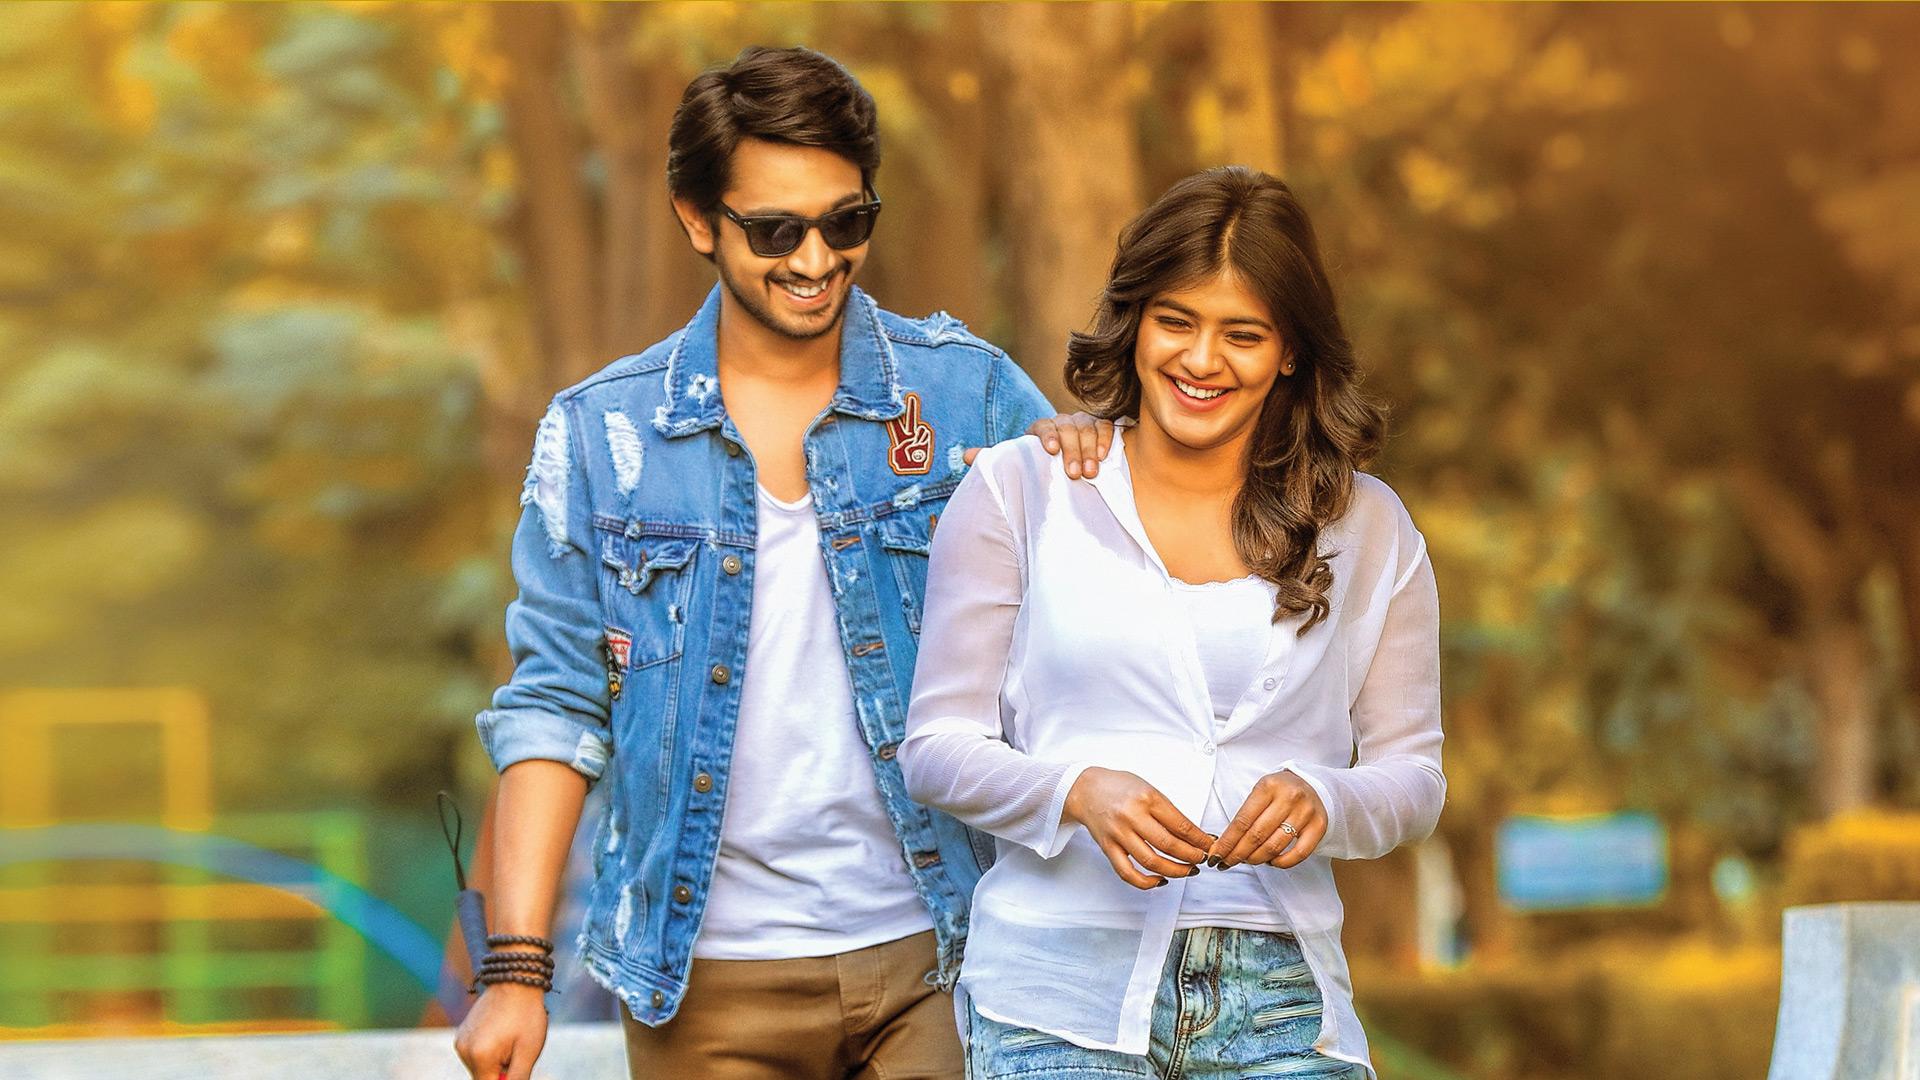 Marakathamani Movie Online Watch Marakathamani Telugu Full Movie In Hd